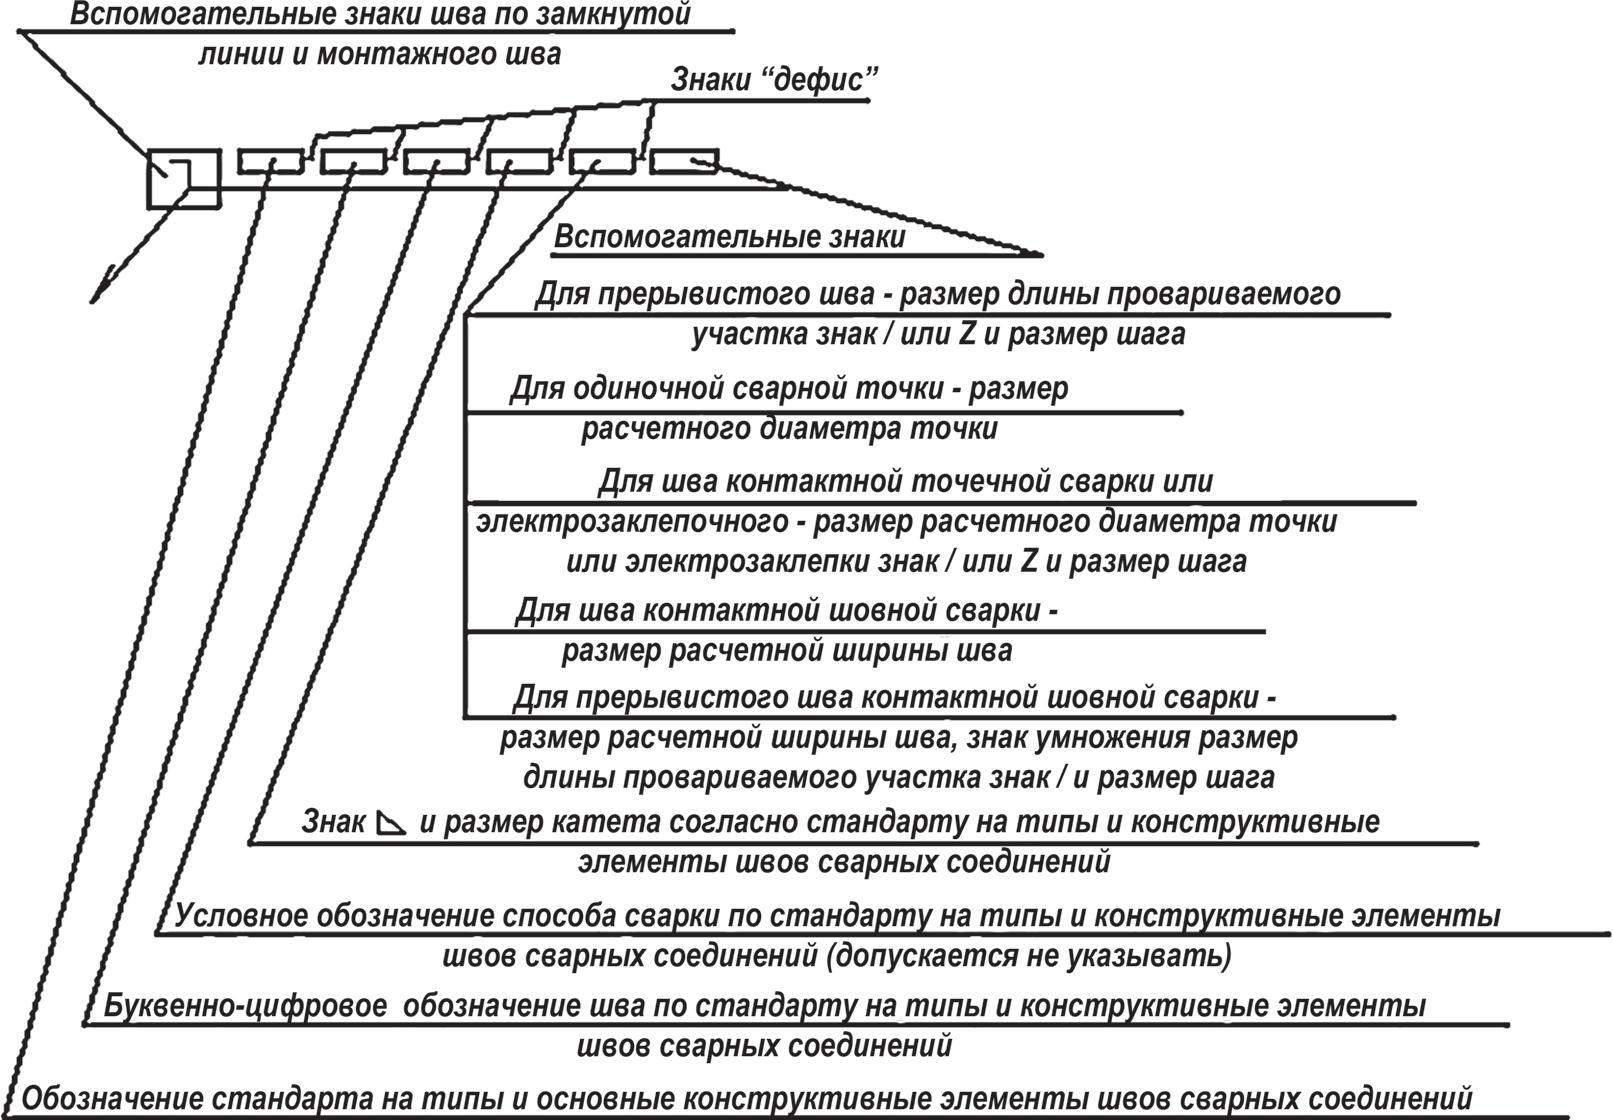 Схема структуры условного обозначения стандартного шва